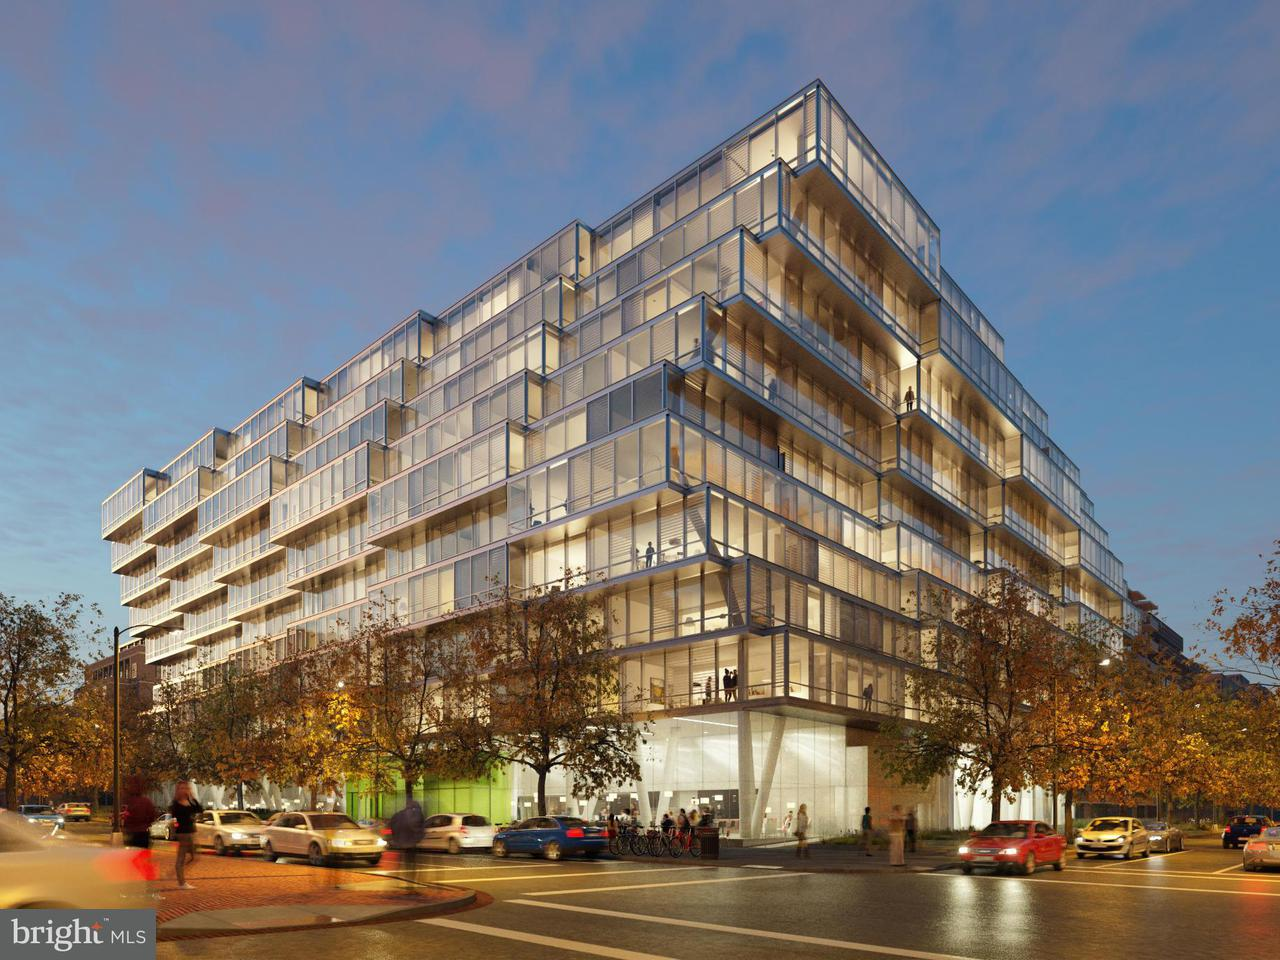 Eigentumswohnung für Verkauf beim 1111 24th St Nw #4q 1111 24th St Nw #4q Washington, District Of Columbia 20037 Vereinigte Staaten